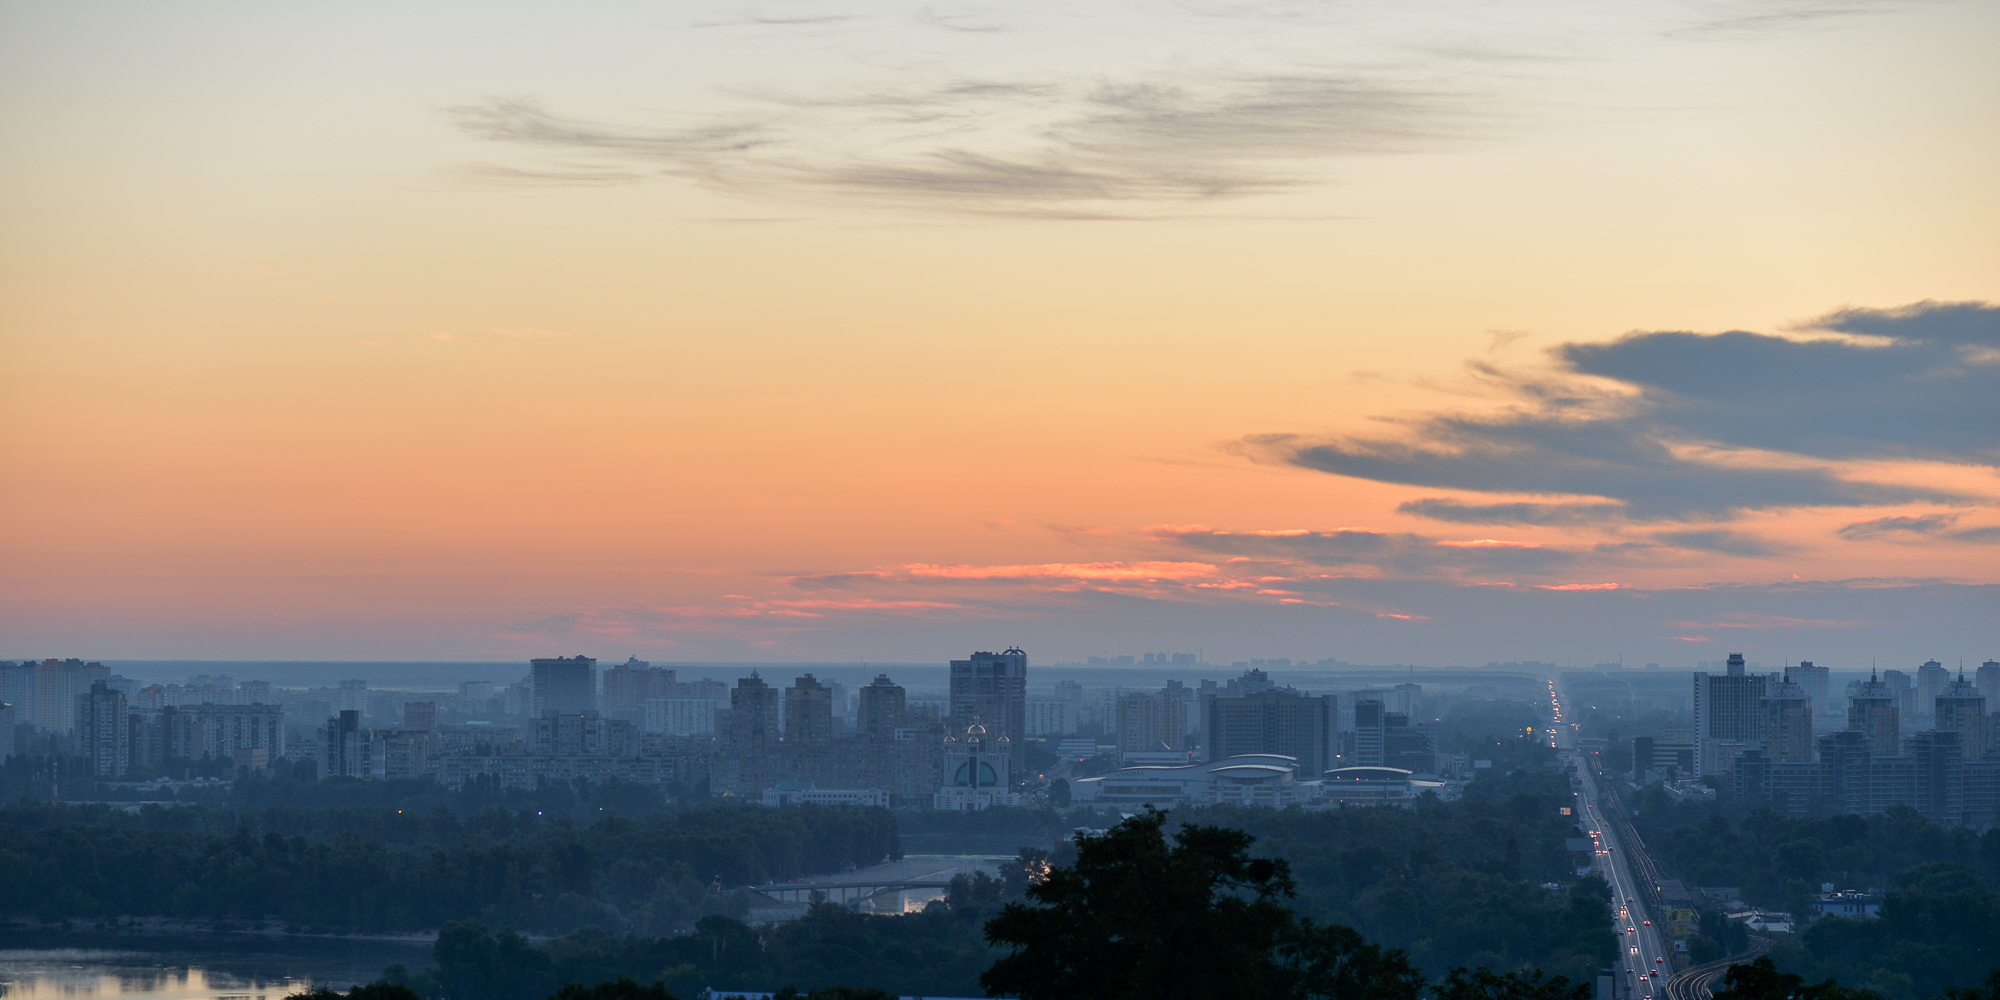 Киев на рассвете. Фото Дмитрия Фоменко.